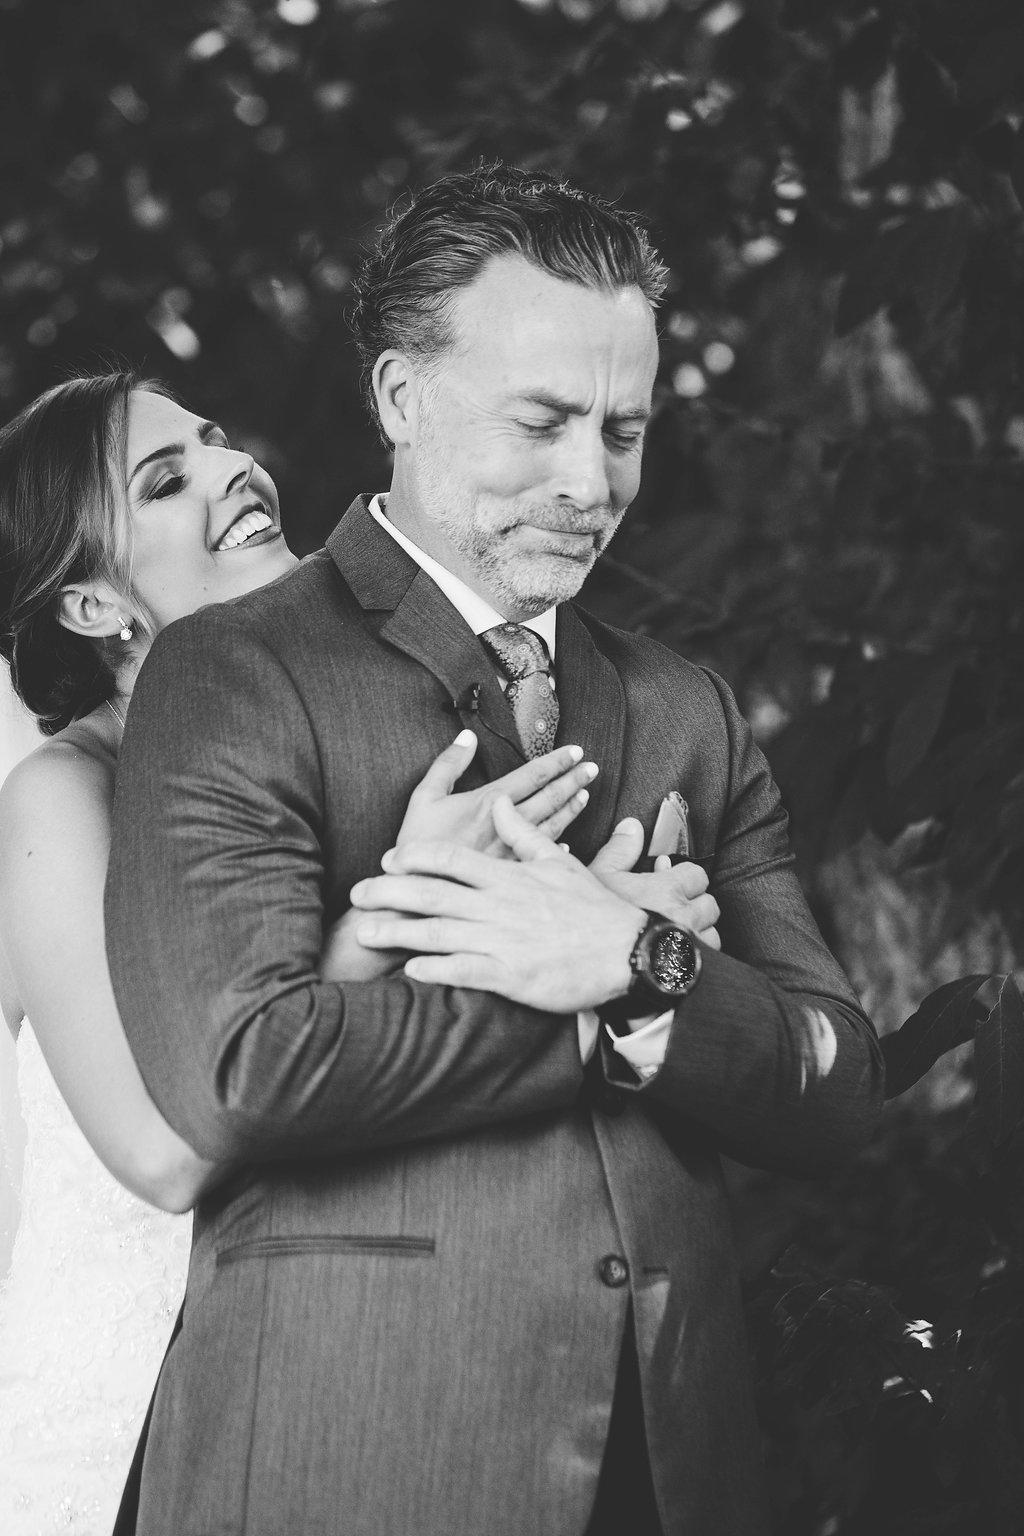 Erin+Tyson_The_Kelley_Farm_Wedding_by_Adina_Preston_Weddings_26.JPG